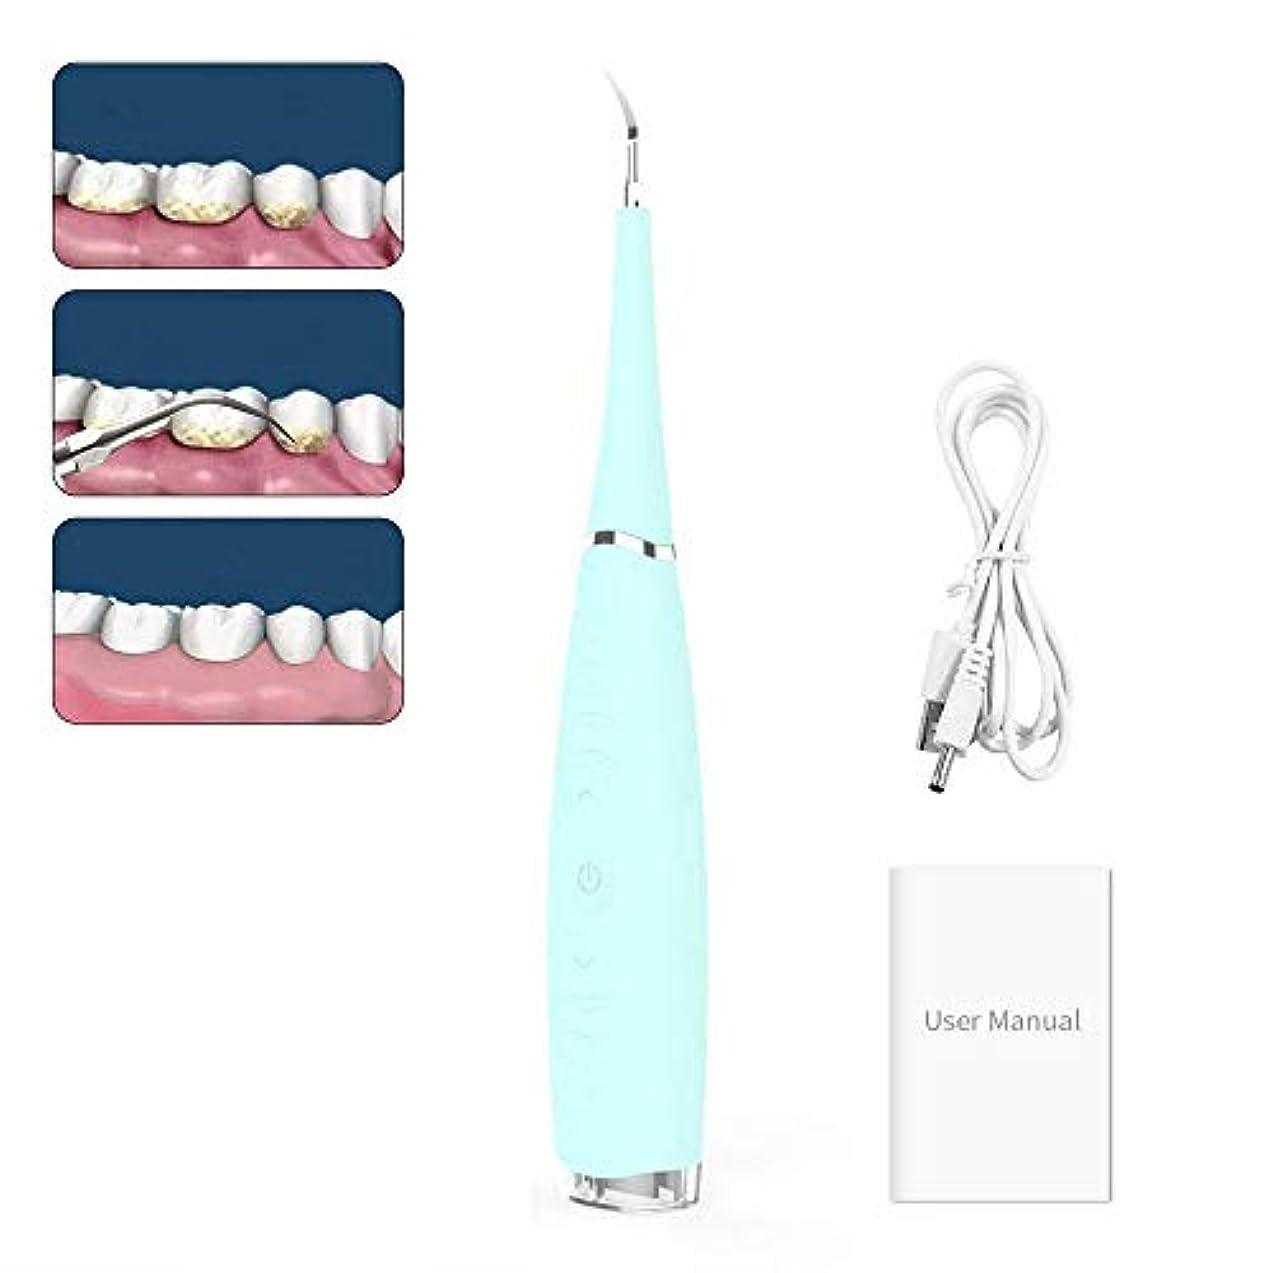 電気音波歯石歯垢除去ツールキット - 歯スクレーパー歯石除去クリーナー歯の汚れ、歯垢除去、5調整可能モード